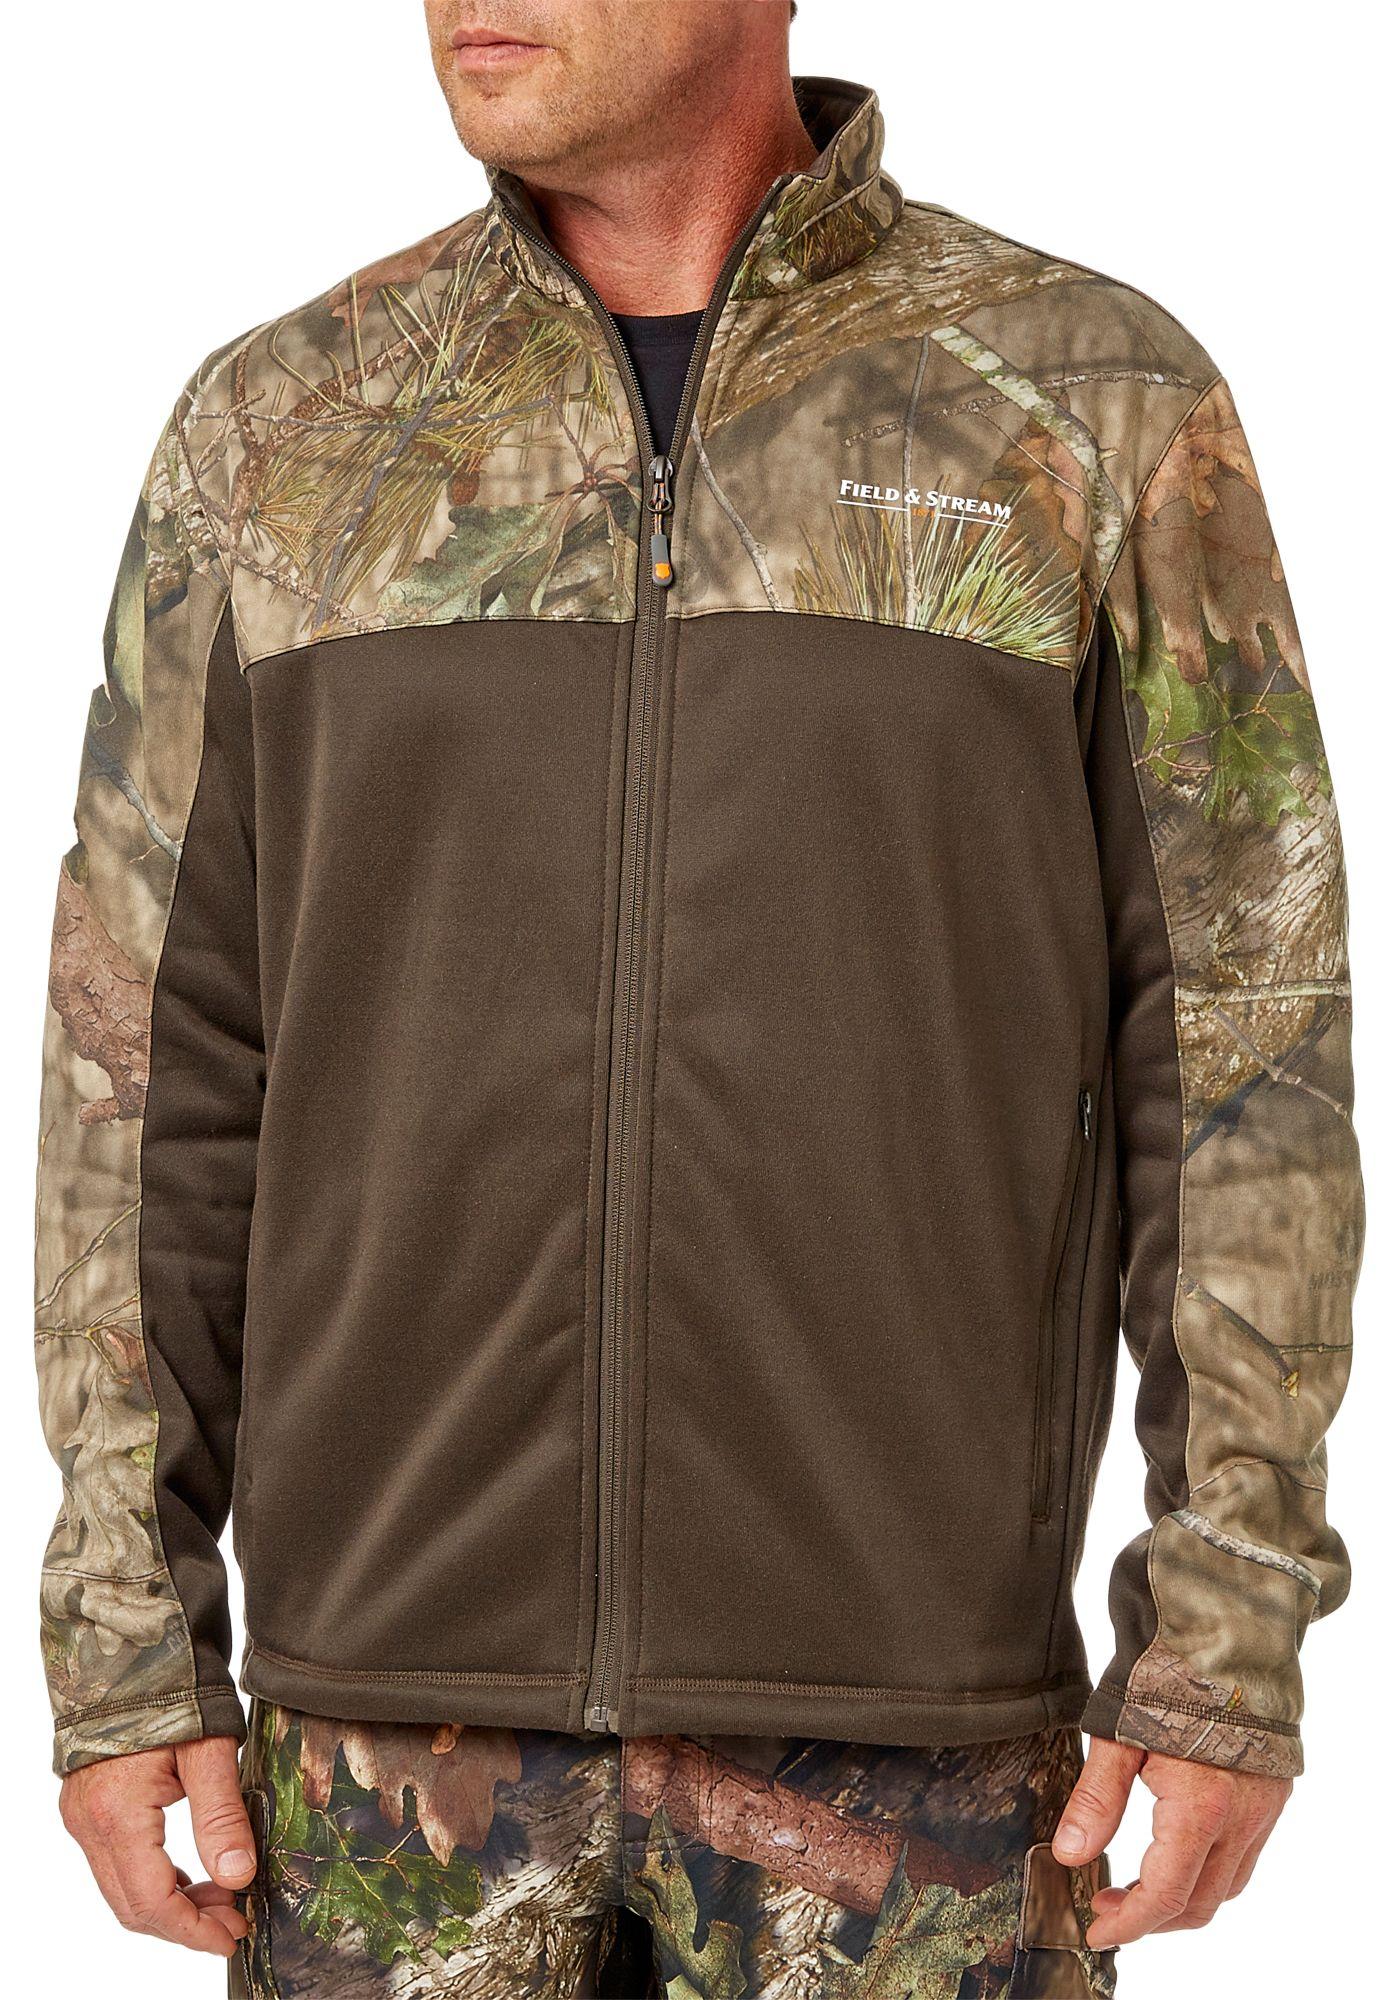 Field & Stream Men's Fleece Hunting Jacket